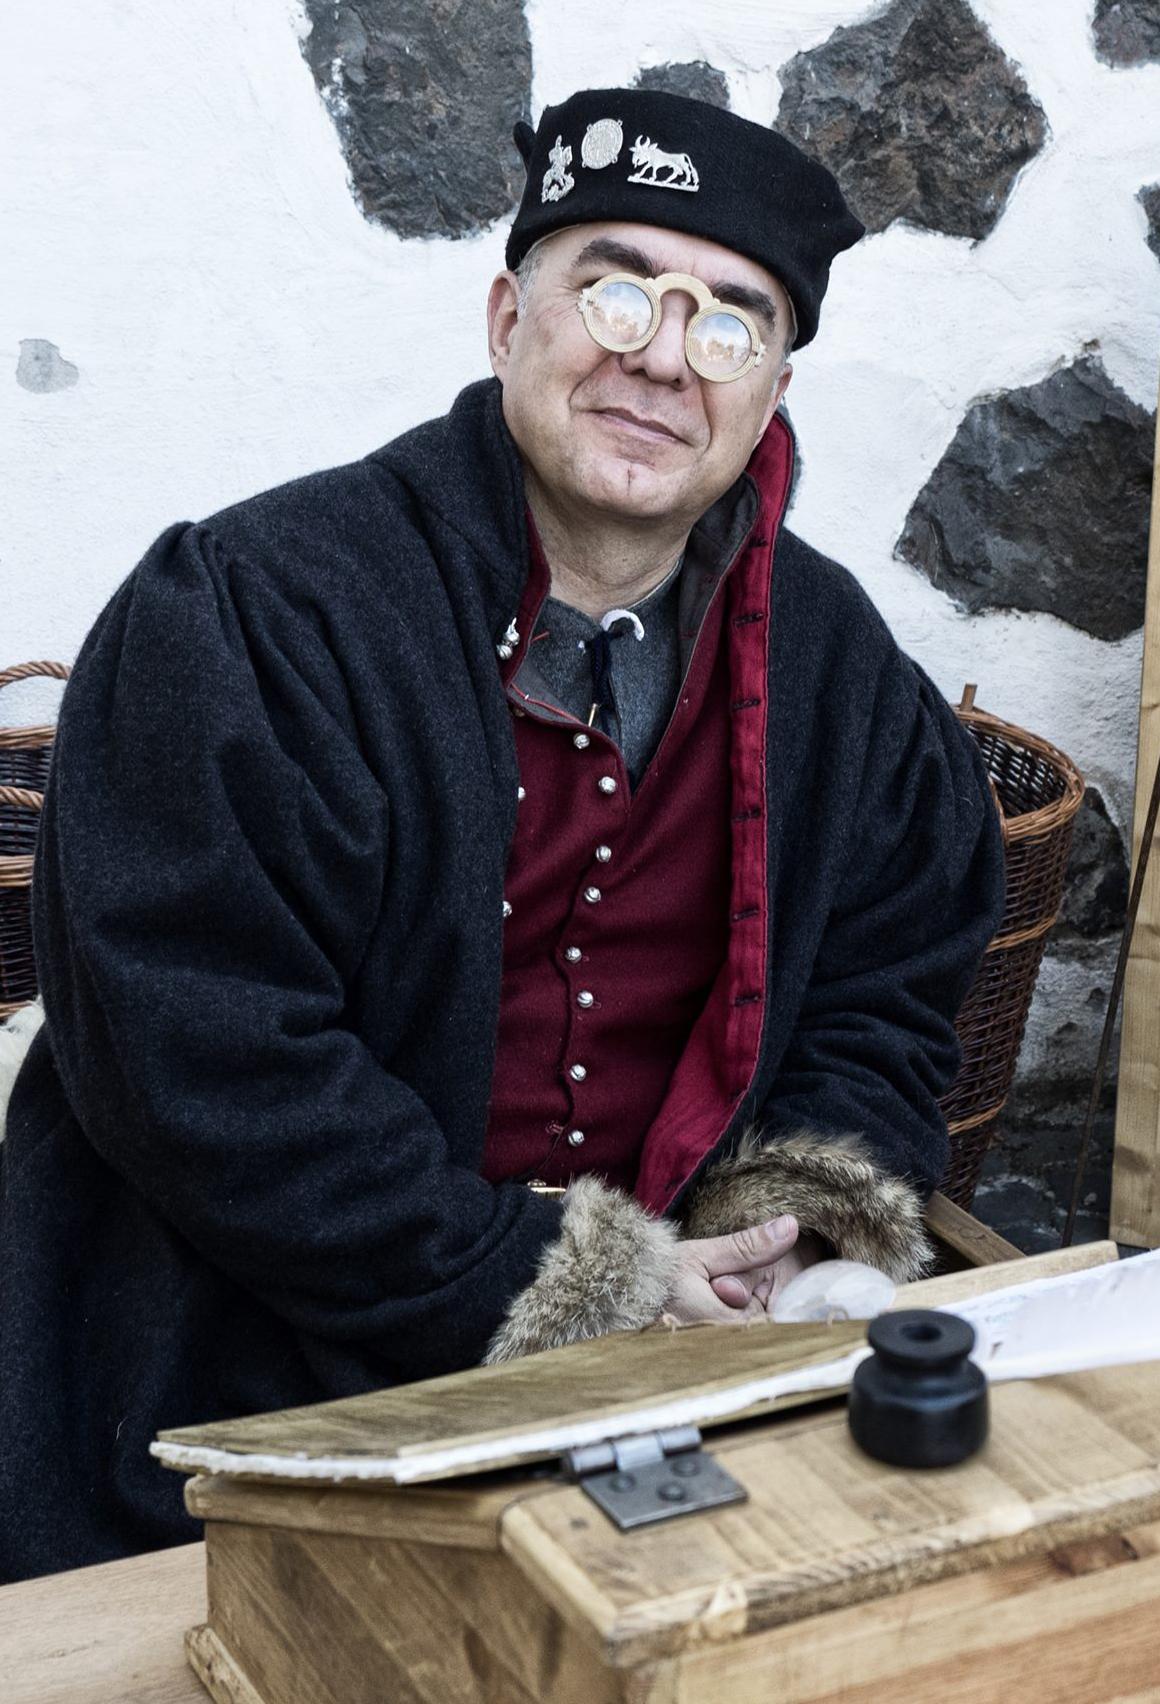 Johann von Hoheneck, Reisiger mit Schaller